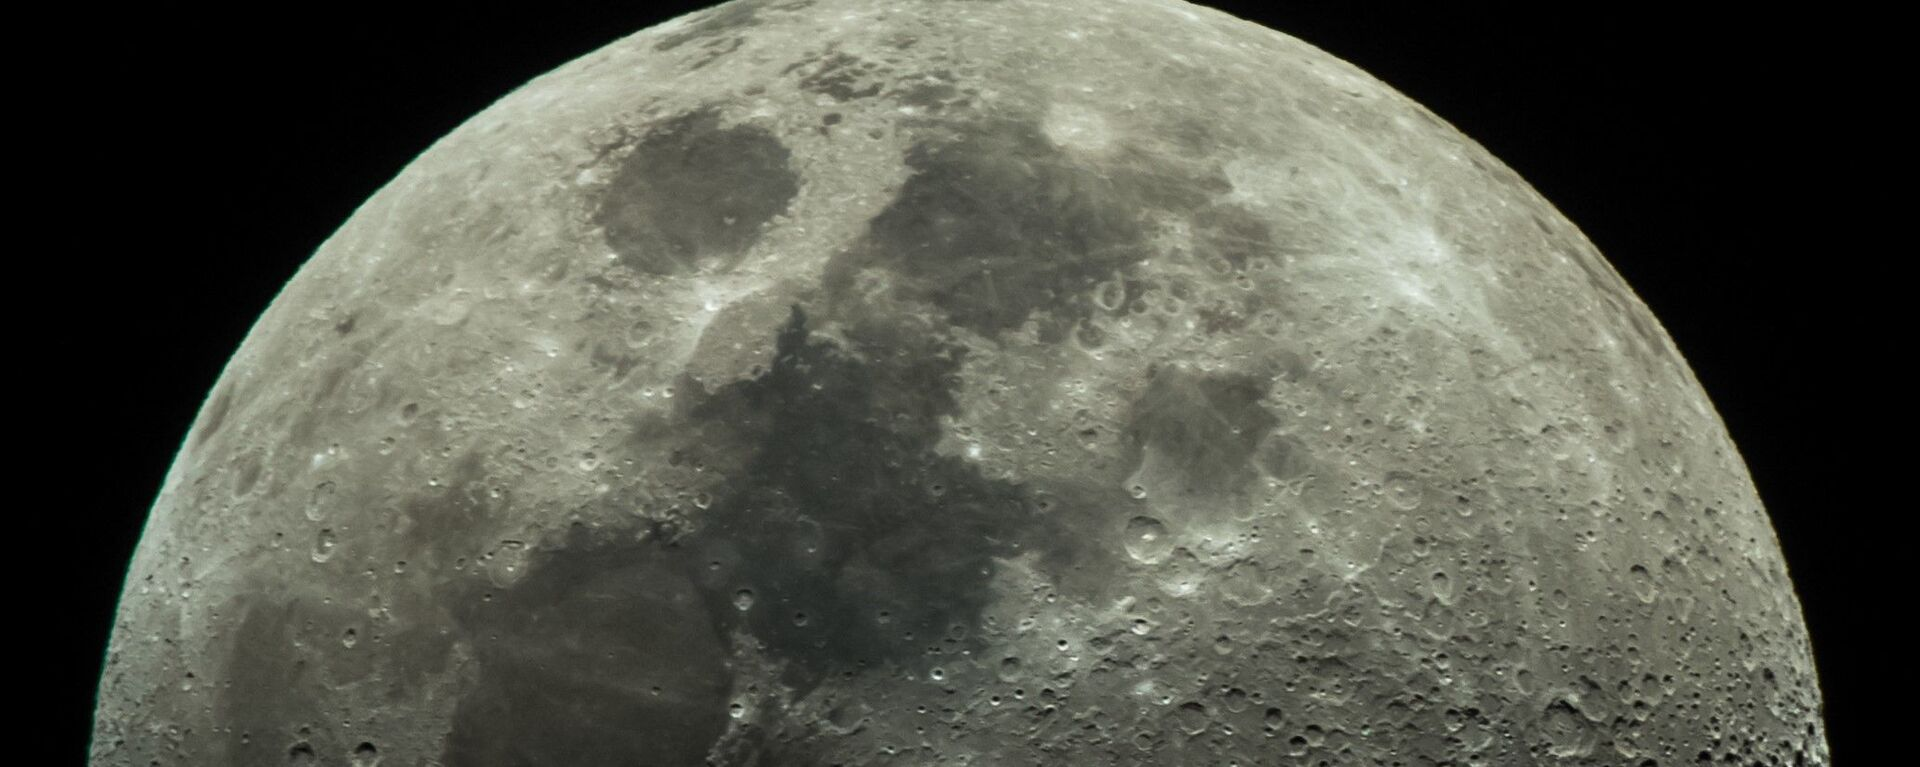 Měsíc. Ilustrační foto - Sputnik Česká republika, 1920, 17.04.2021